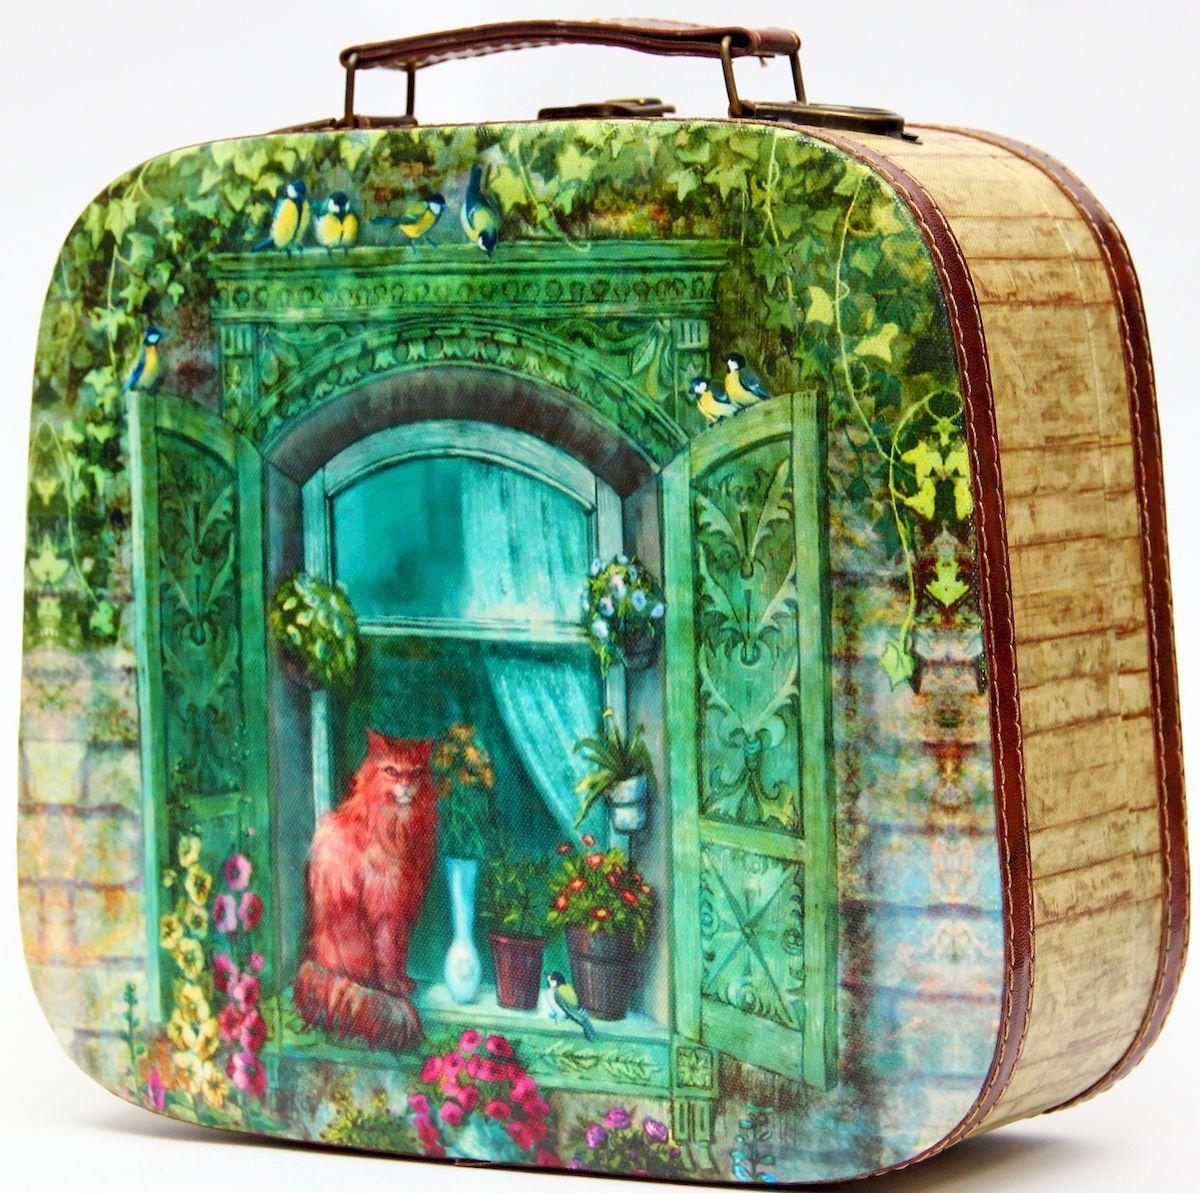 Шкатулка декоративная Magic Home Котик на окне, цвет: зеленый, 28,5 х 25 х 10,5 смa030073Декоративная шкатулка Magic Home Котик на окне, выполненная из МДФ, оформлена ярким цветным изображением. Изделие закрывается на металлический замок и оснащено оригинальной ручкой под старину для переноски.Такая шкатулка может использоваться для хранения бижутерии, предметов рукоделия, в качестве украшения интерьера, а также послужит хорошим подарком для человека, ценящего практичные и оригинальные вещицы.